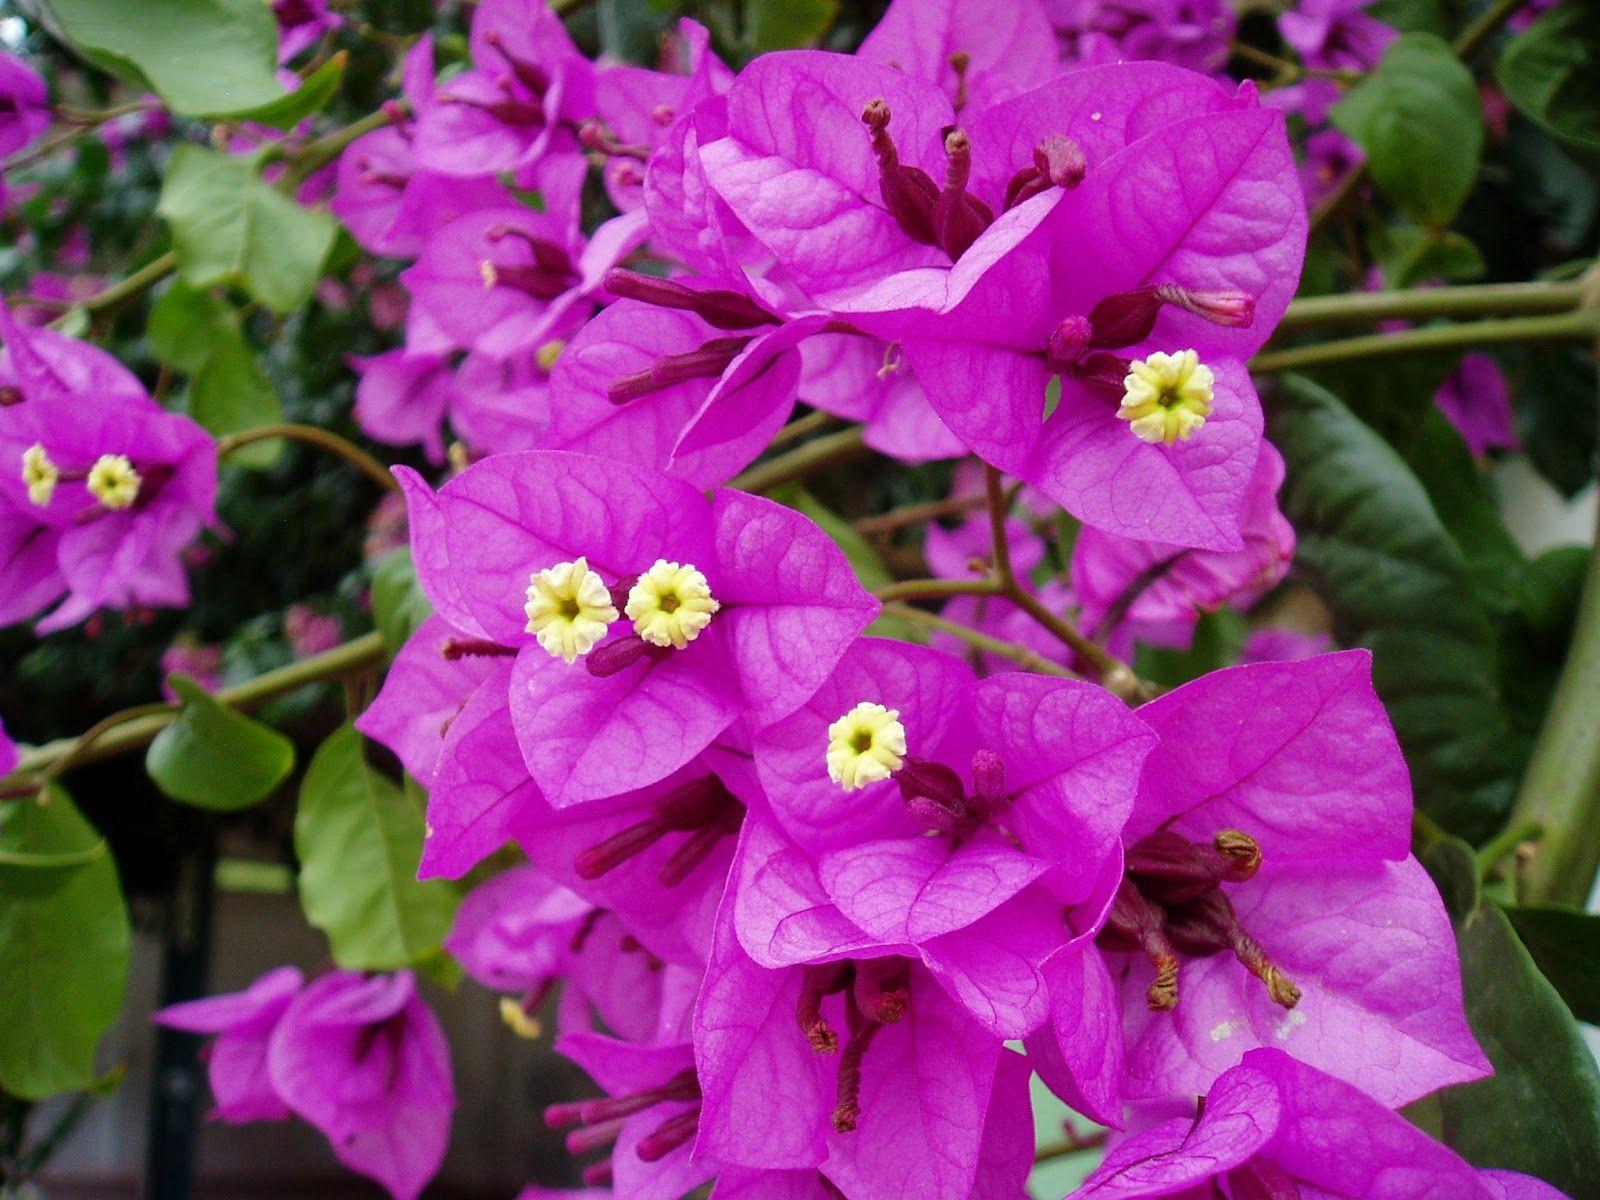 Bougainvillea glabra flor de papel buganvillea menor for 20 plantas ornamentales